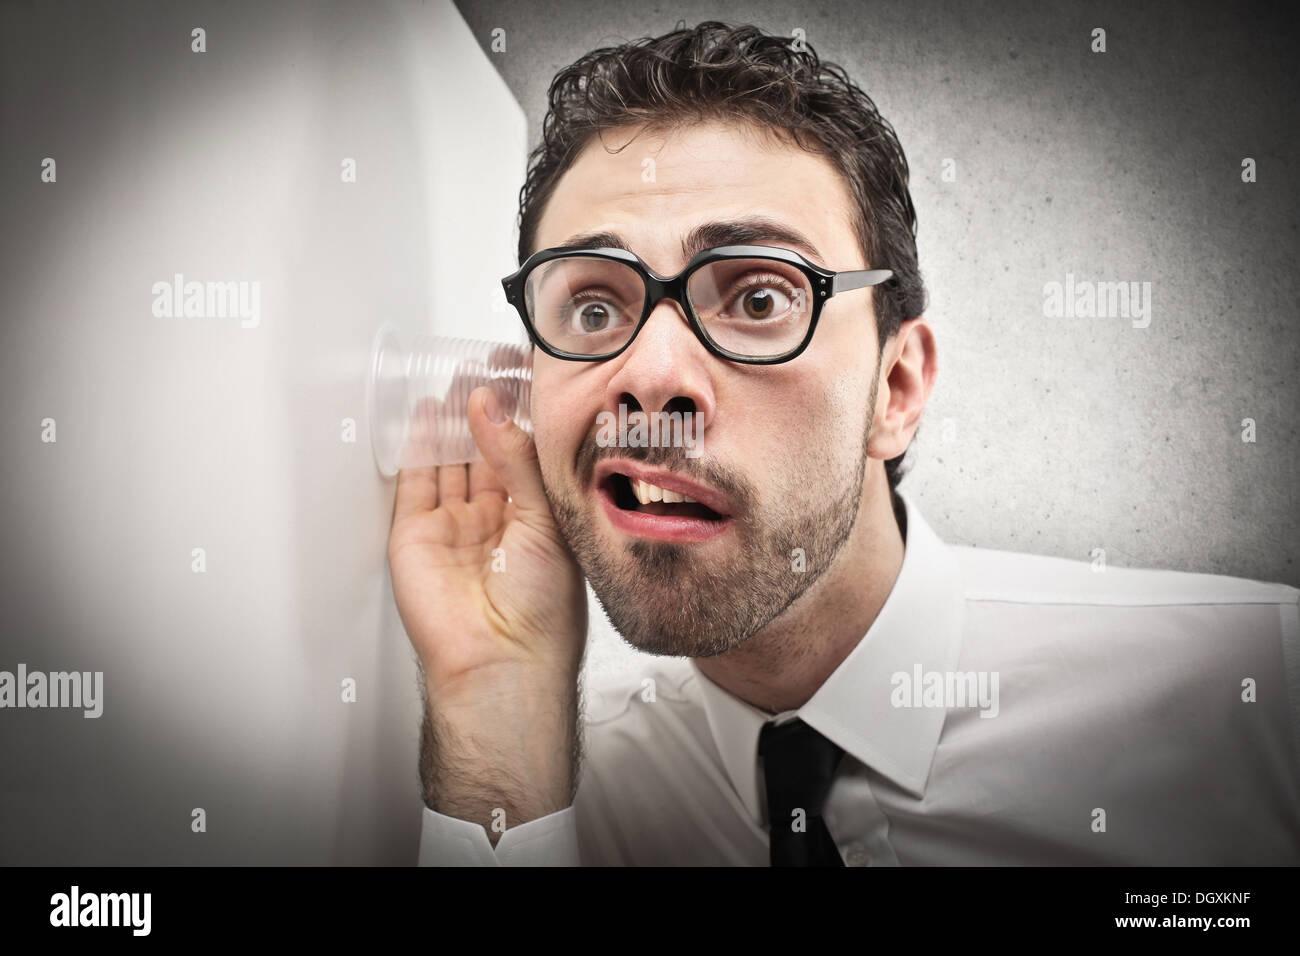 Employée de bureau avec des lunettes d'essayer d'entendre à travers un mur Photo Stock